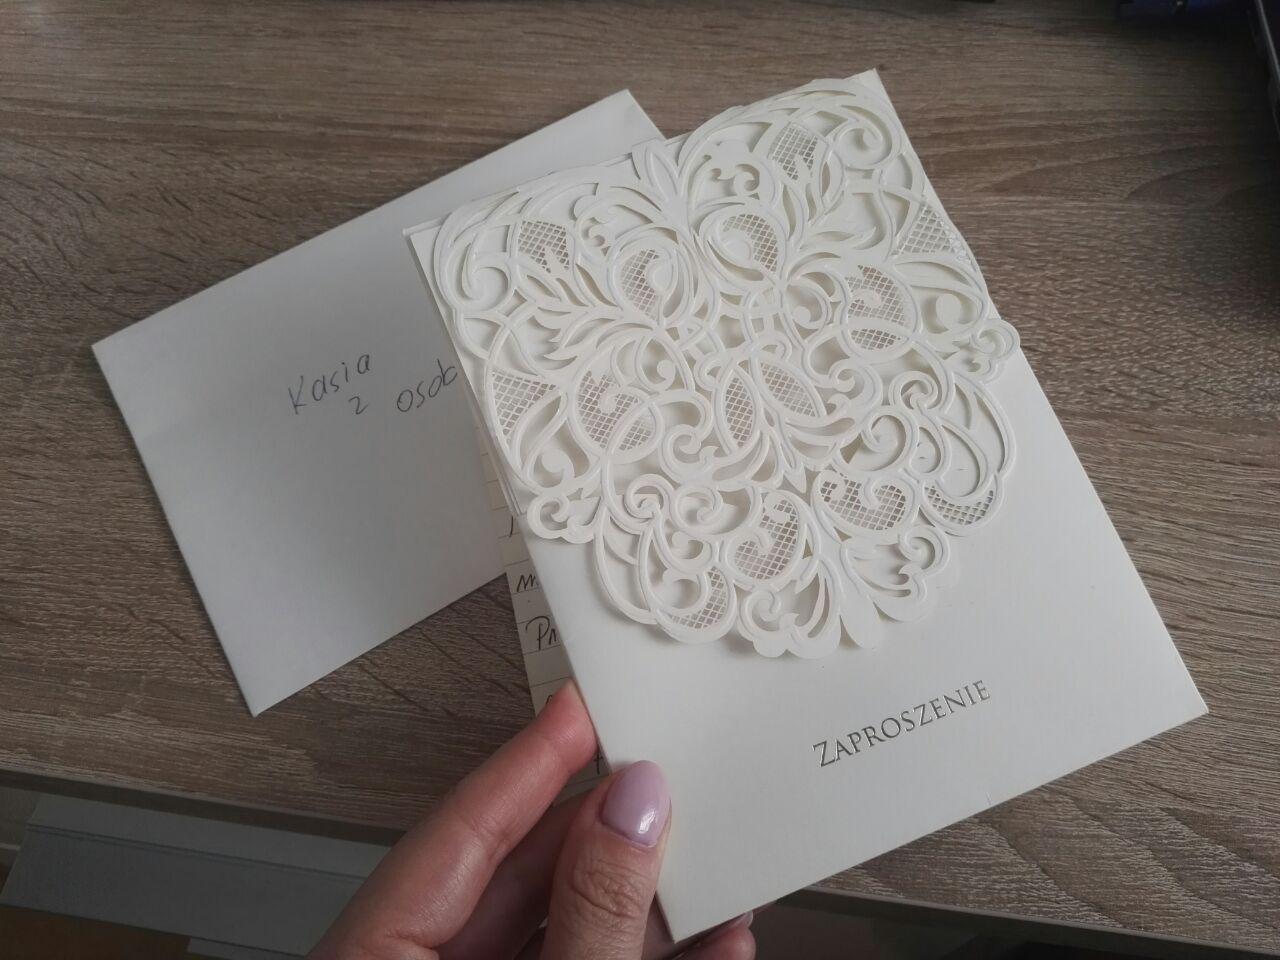 Dostała zaproszenie na wesele z bardzo dziwnym wierszem. Para Młoda wprost prosiła o jedną rzecz